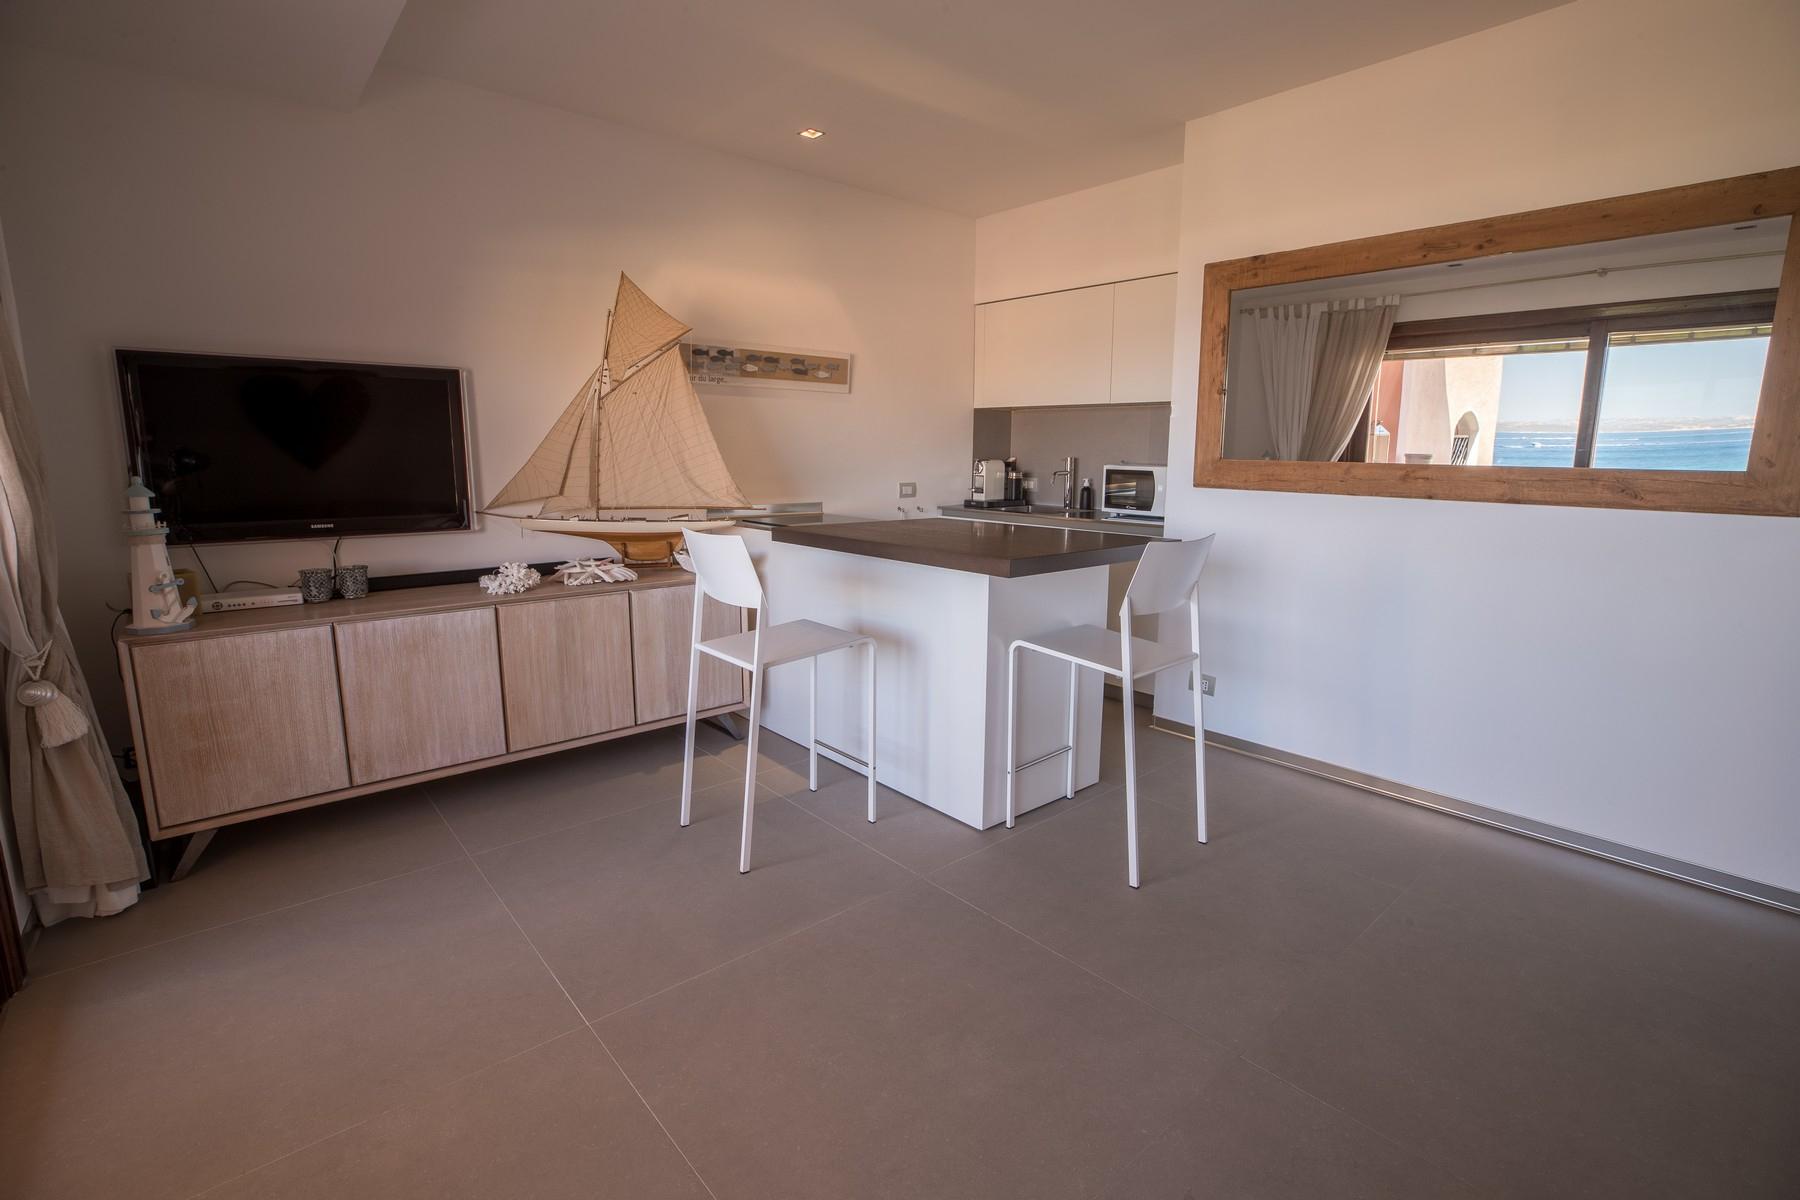 Appartamento in Vendita a Arzachena: 3 locali, 55 mq - Foto 12